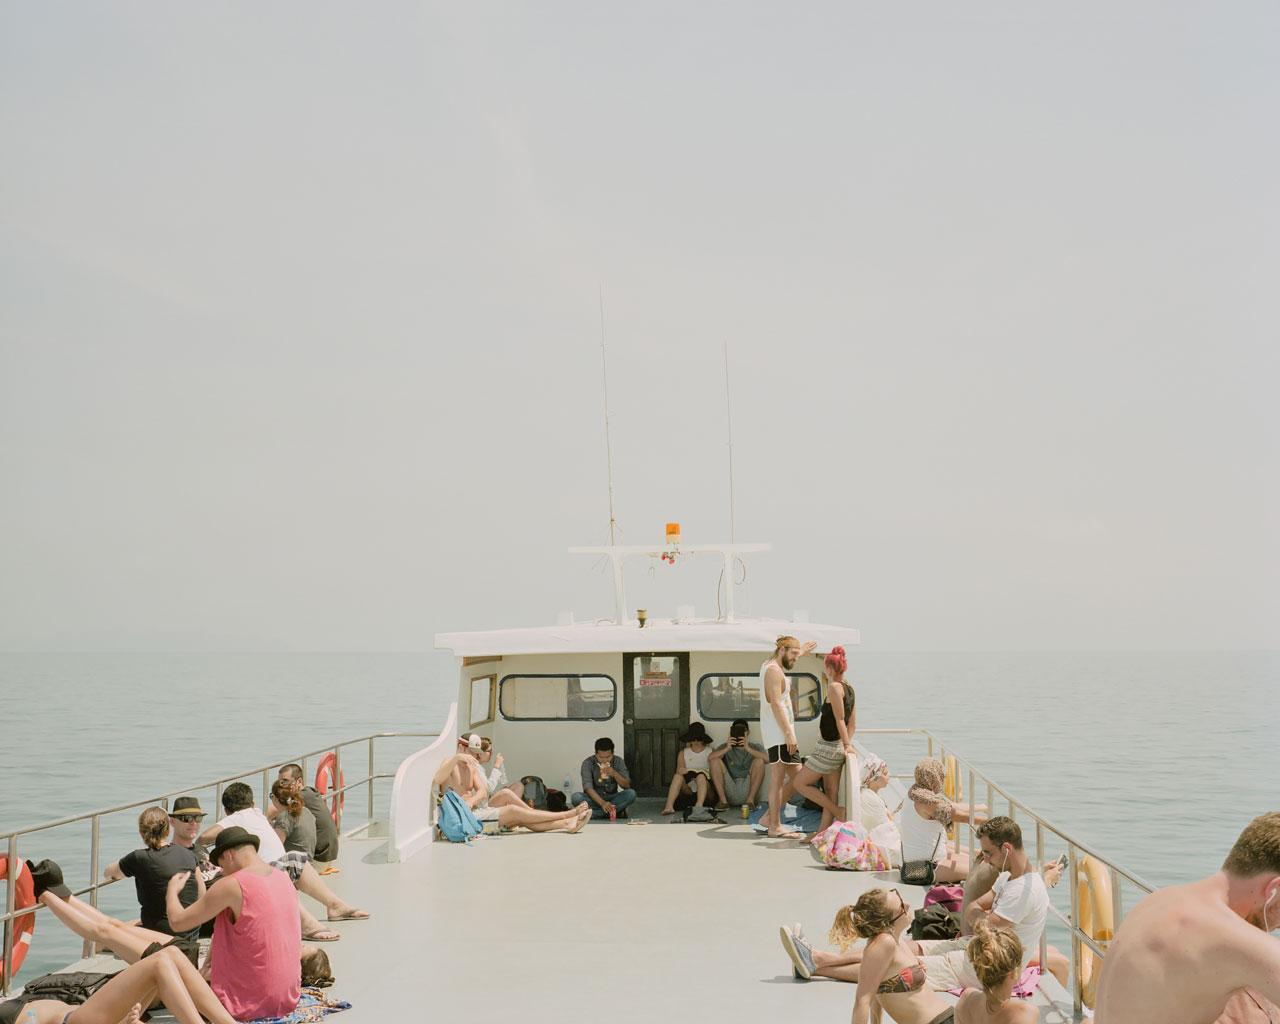 Deck, Andaman Sea, Thailand - Photo by Ákos Major